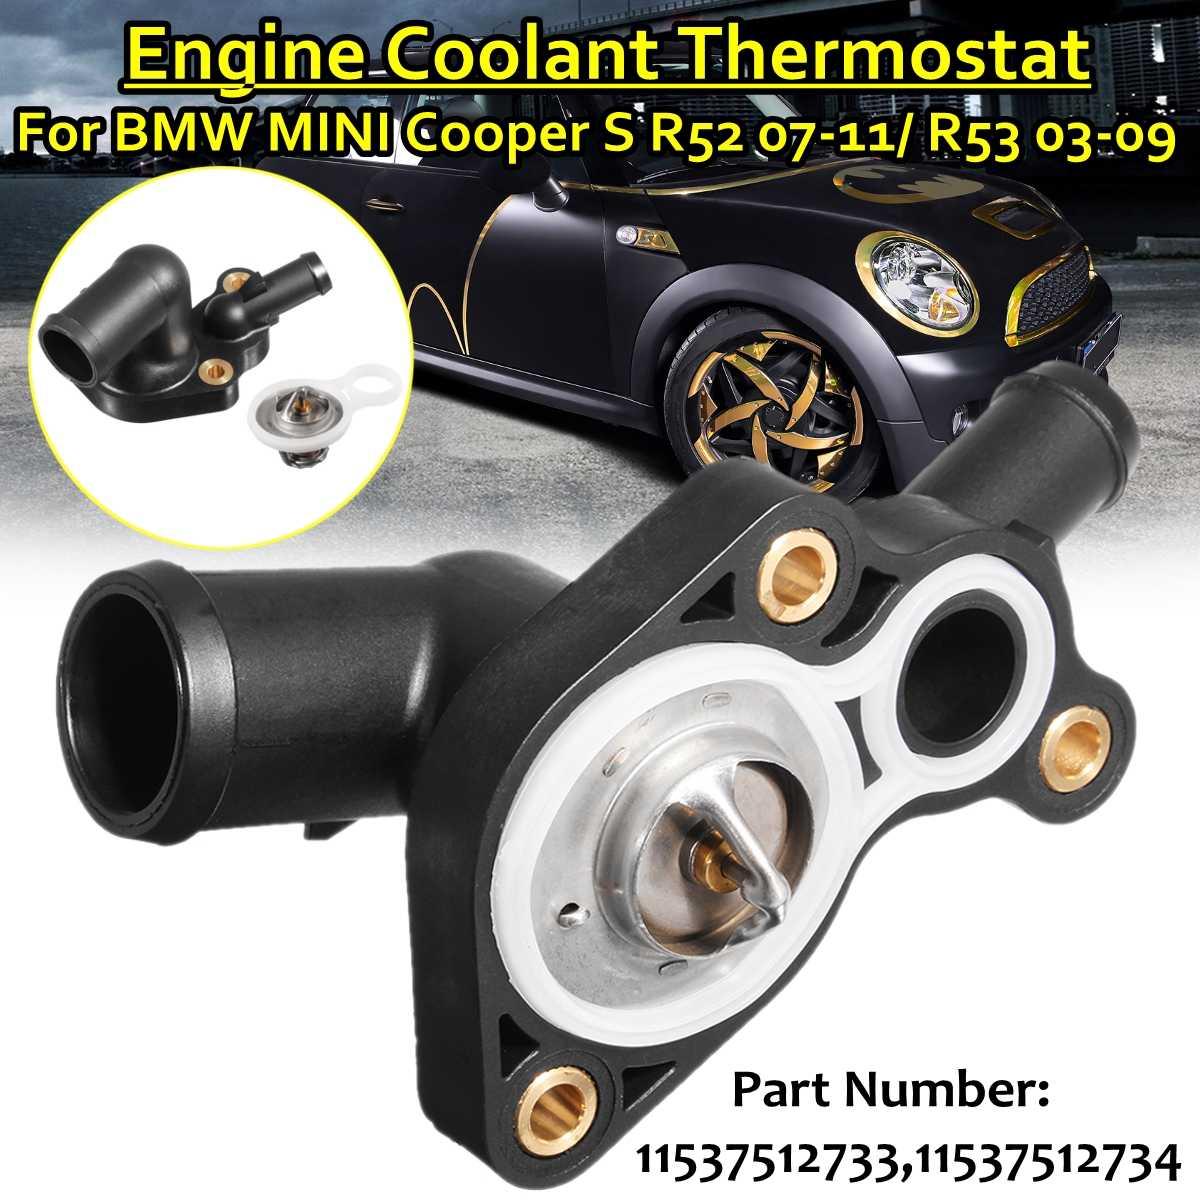 Termostato de refrigerante del radiador y Kit de carcasa 11537512733 11537512734 para Bmw para Mini Cooper R52 R53 1.6L 2003 2004 2005-07 2009